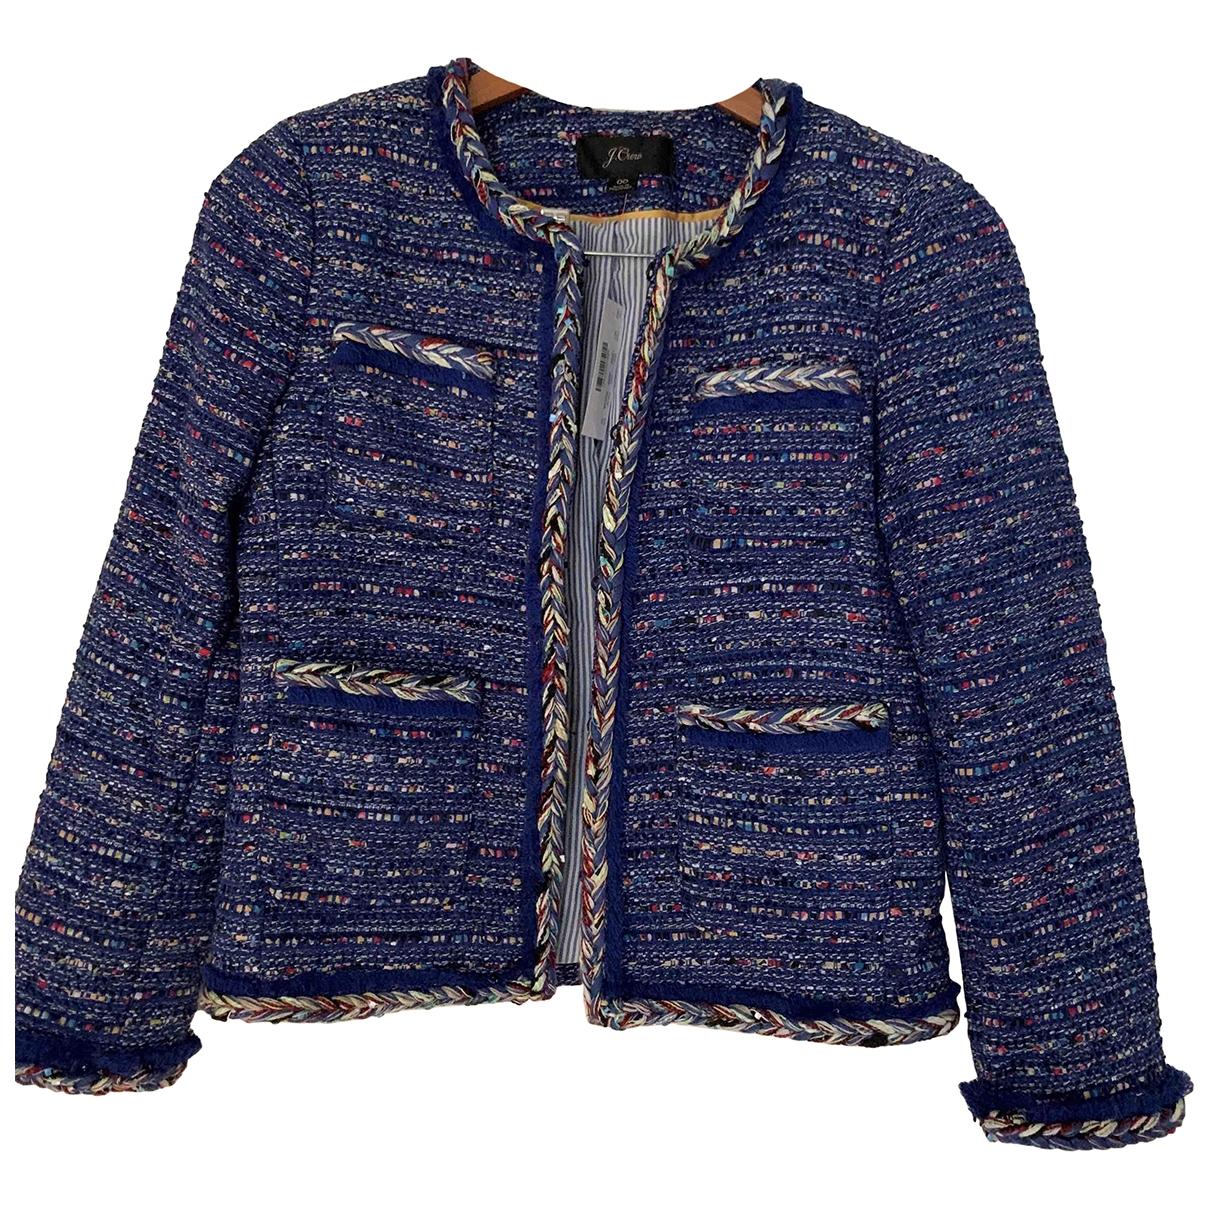 J.crew - Veste   pour femme en tweed - bleu